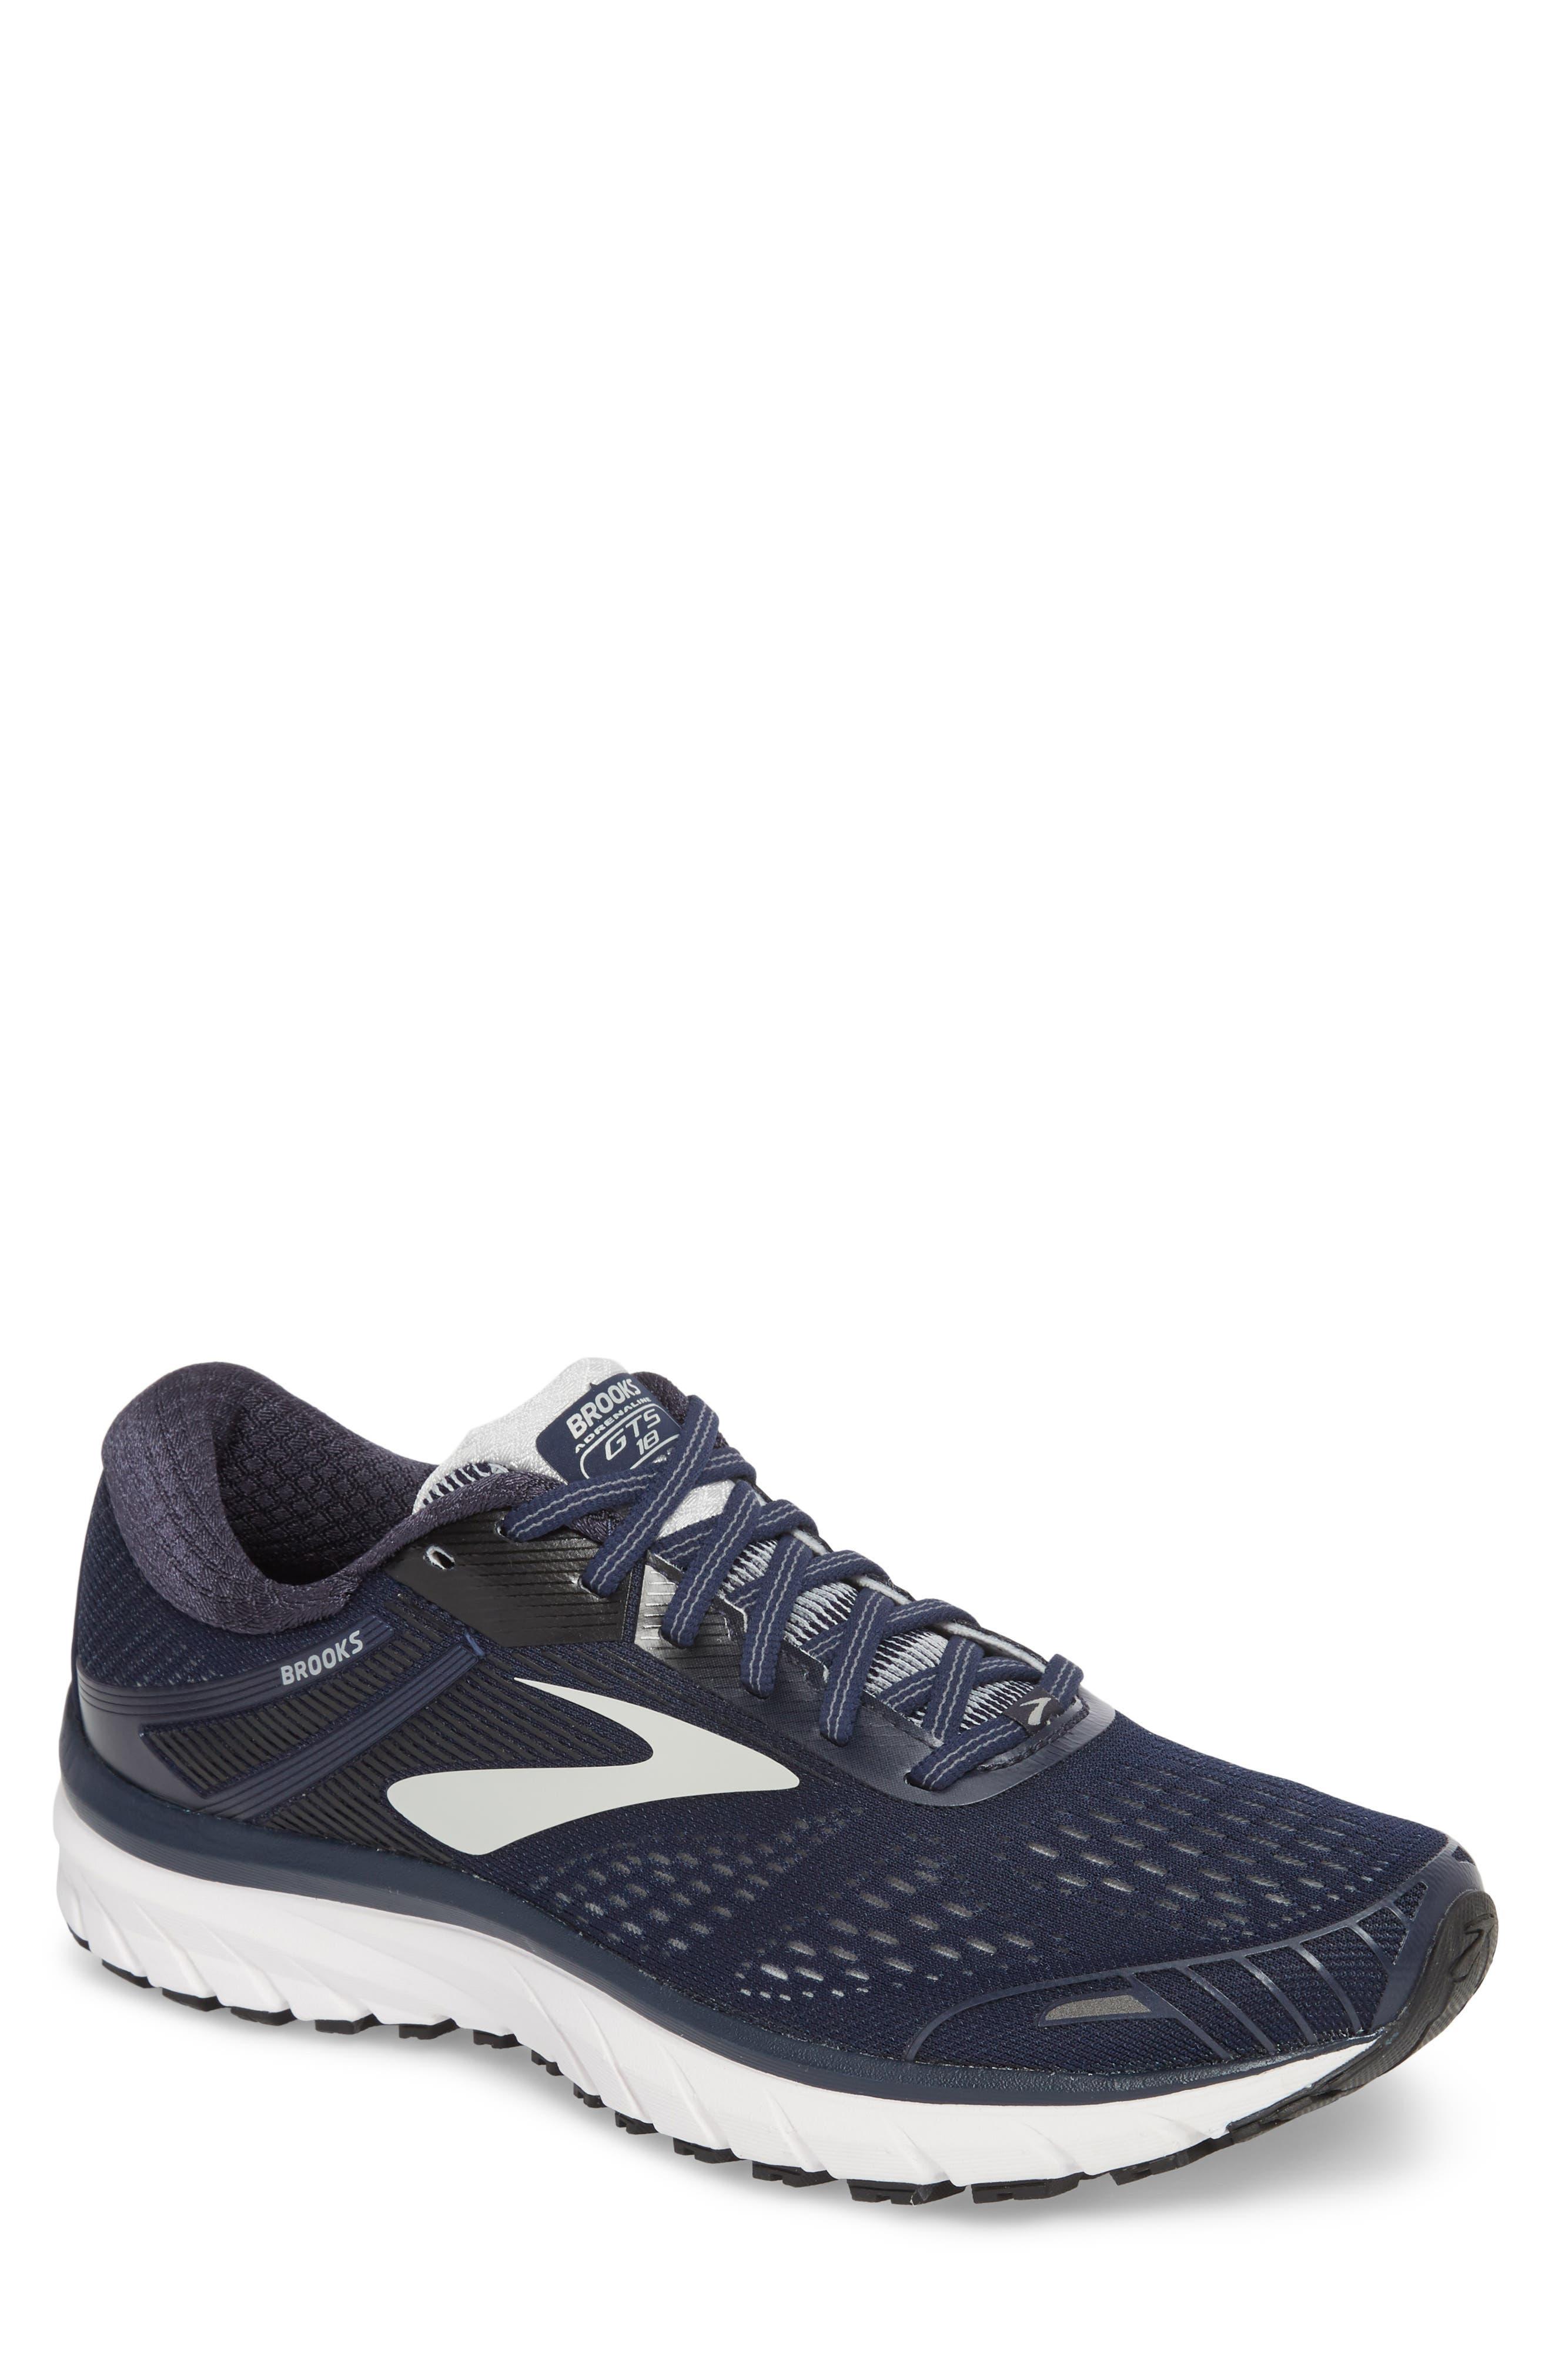 Adrenaline GTS 18 Running Shoe,                             Main thumbnail 1, color,                             Navy/ Grey/ Black